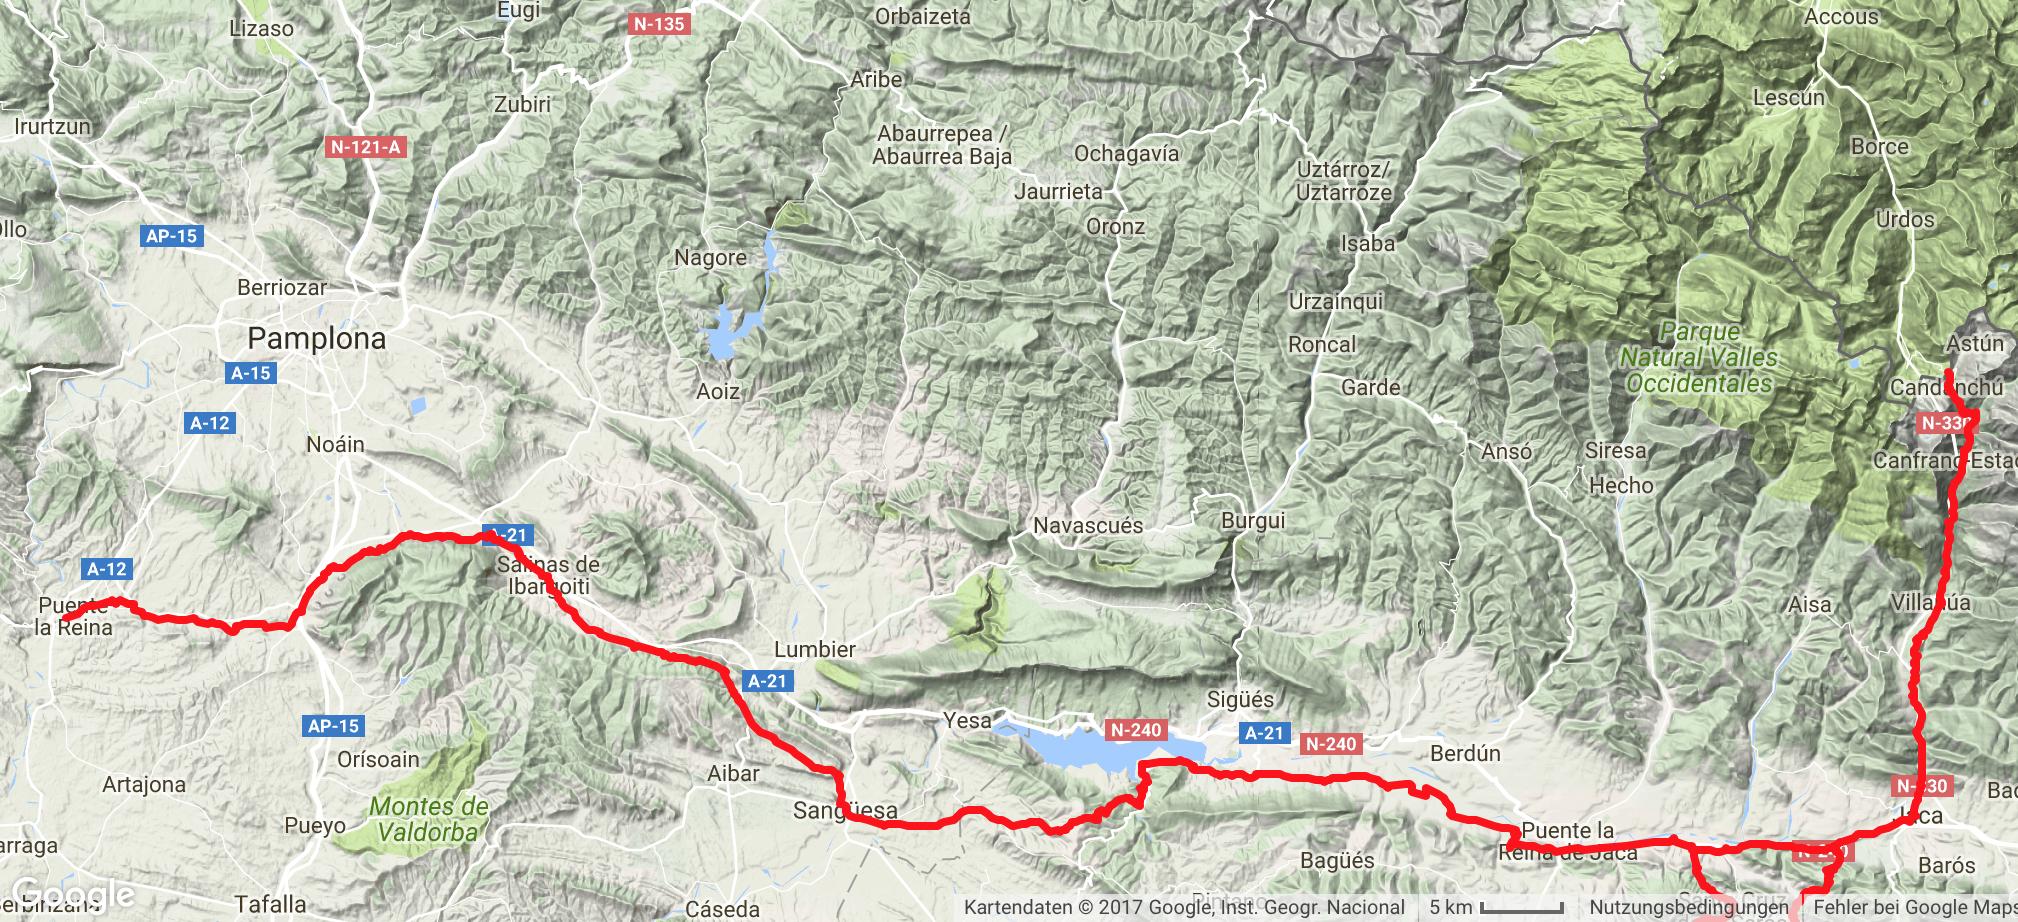 Camino Aragones Karte